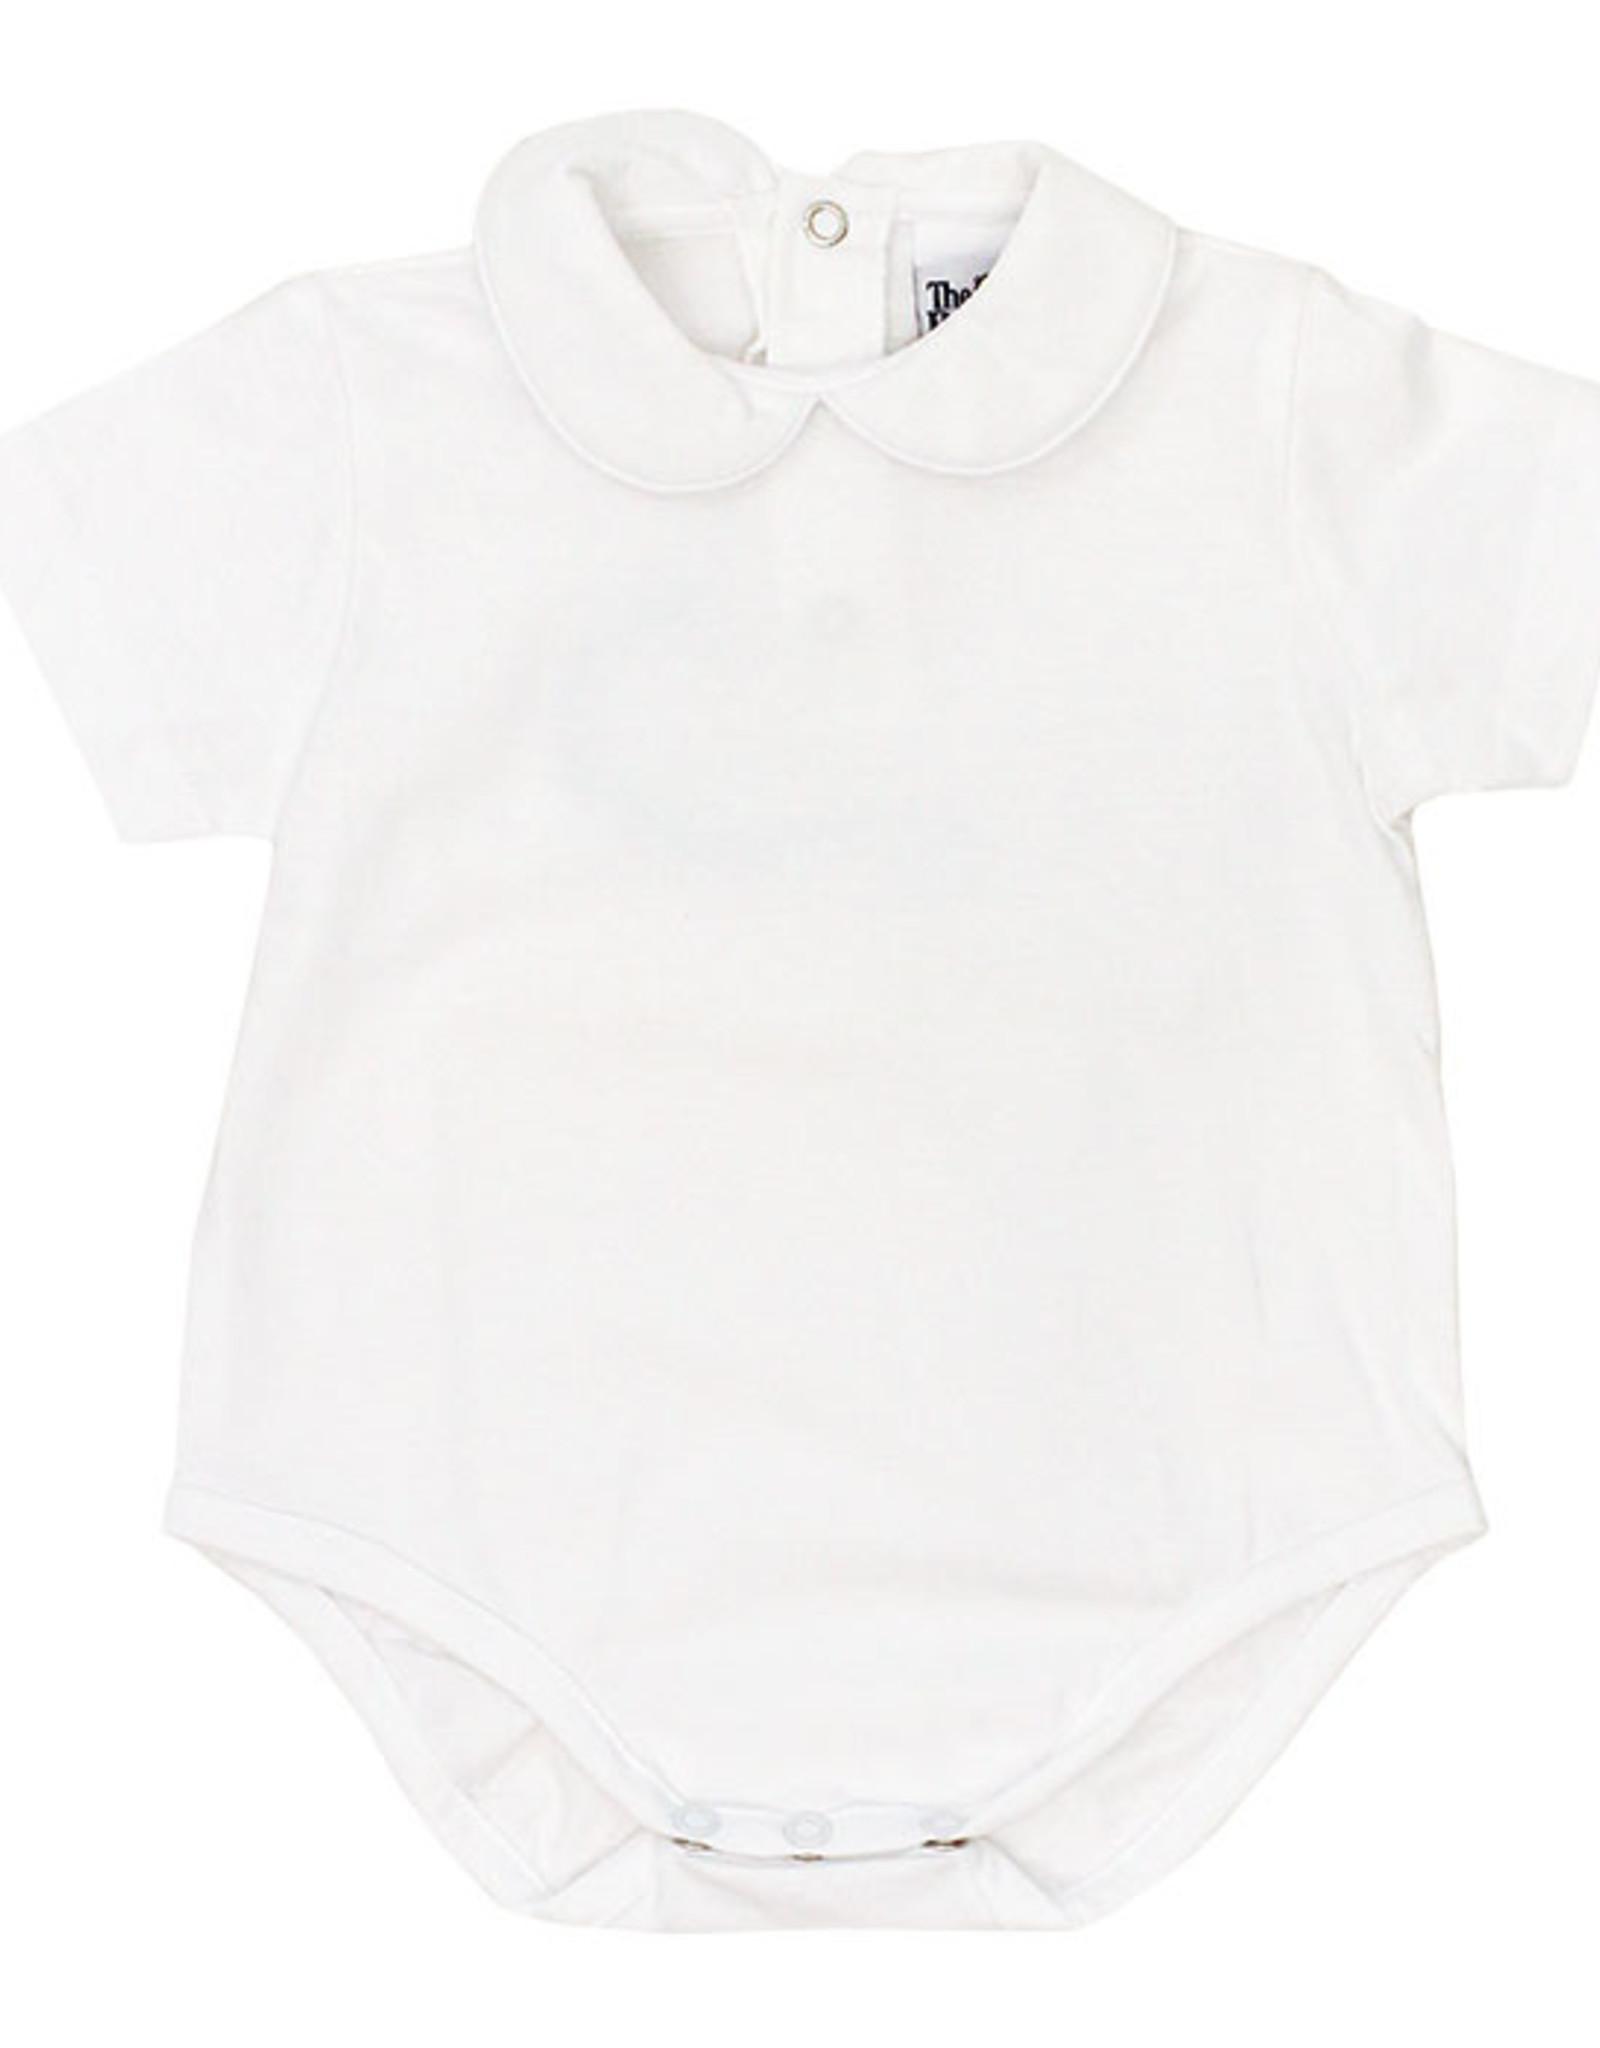 The Bailey Boys Short Sleeve White Knit Boys Onesie